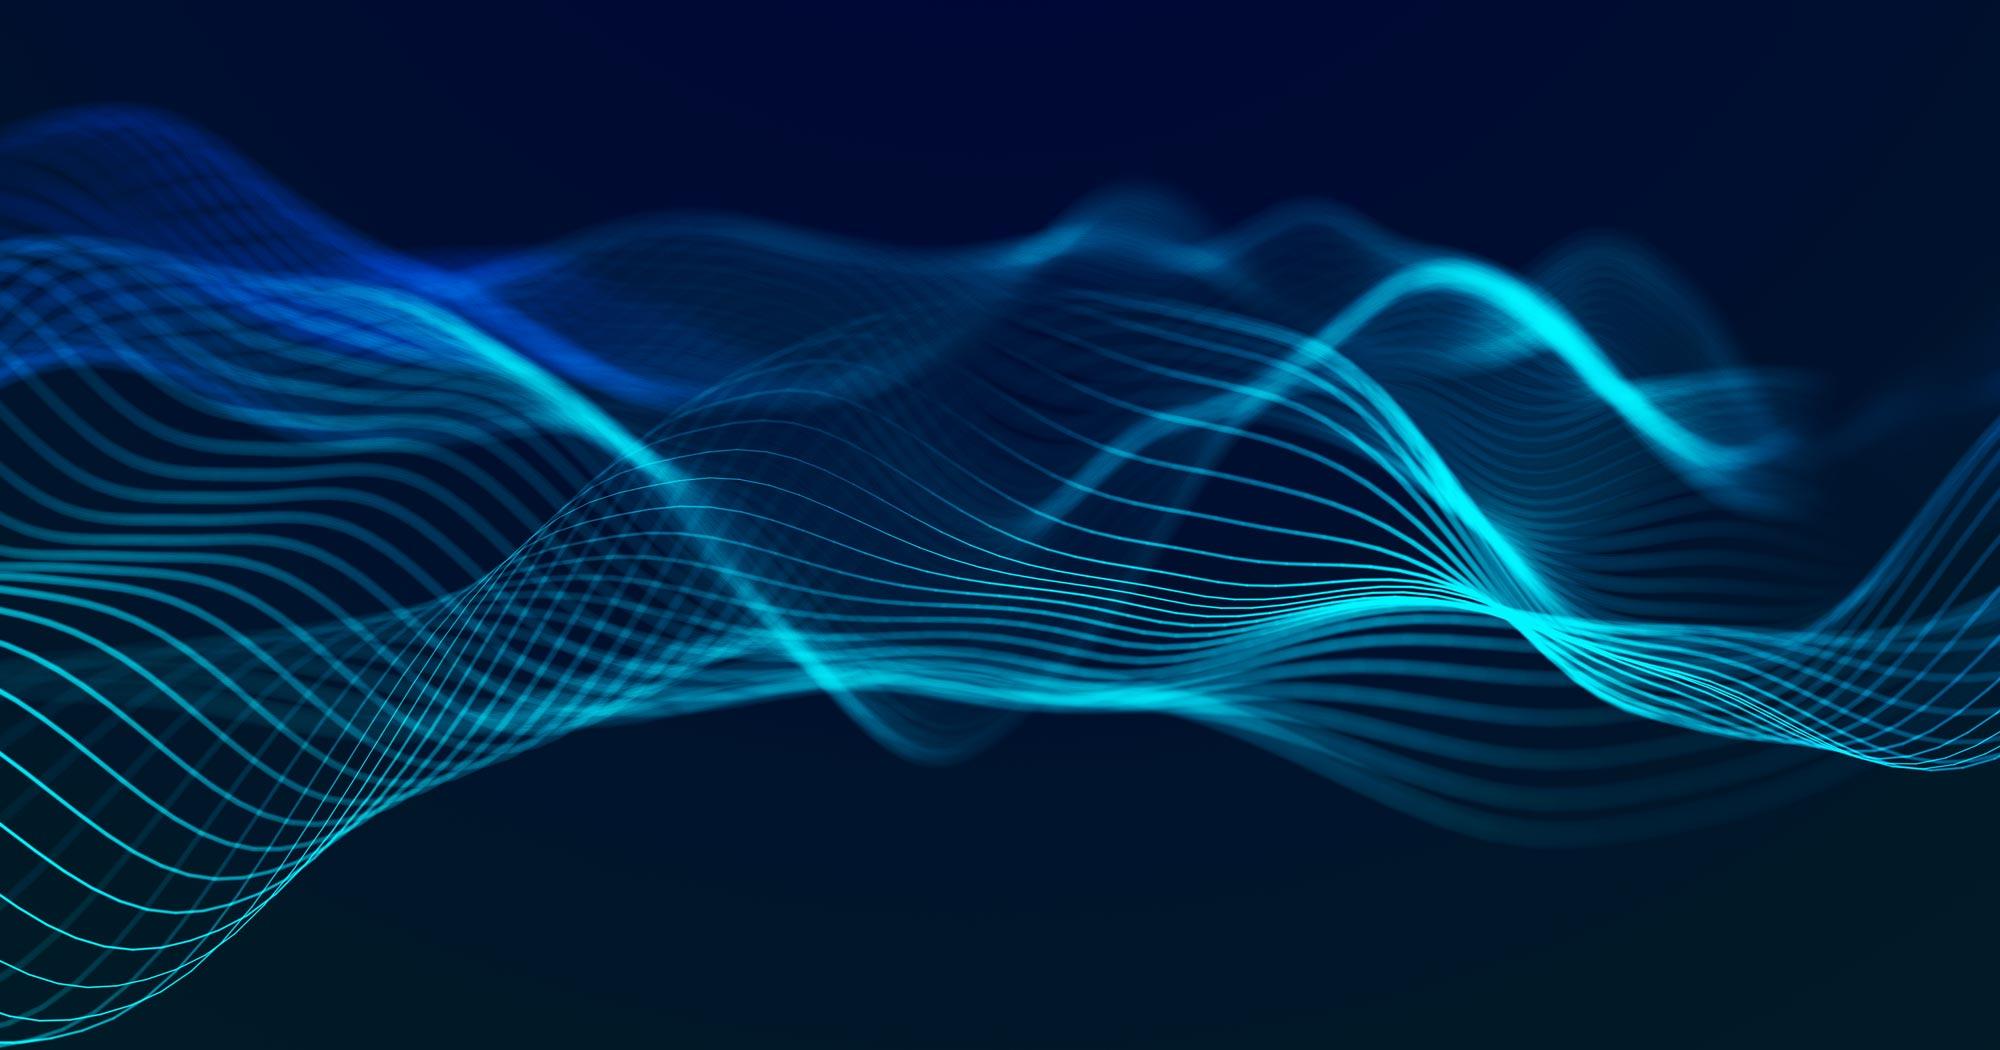 Wave energy illustration